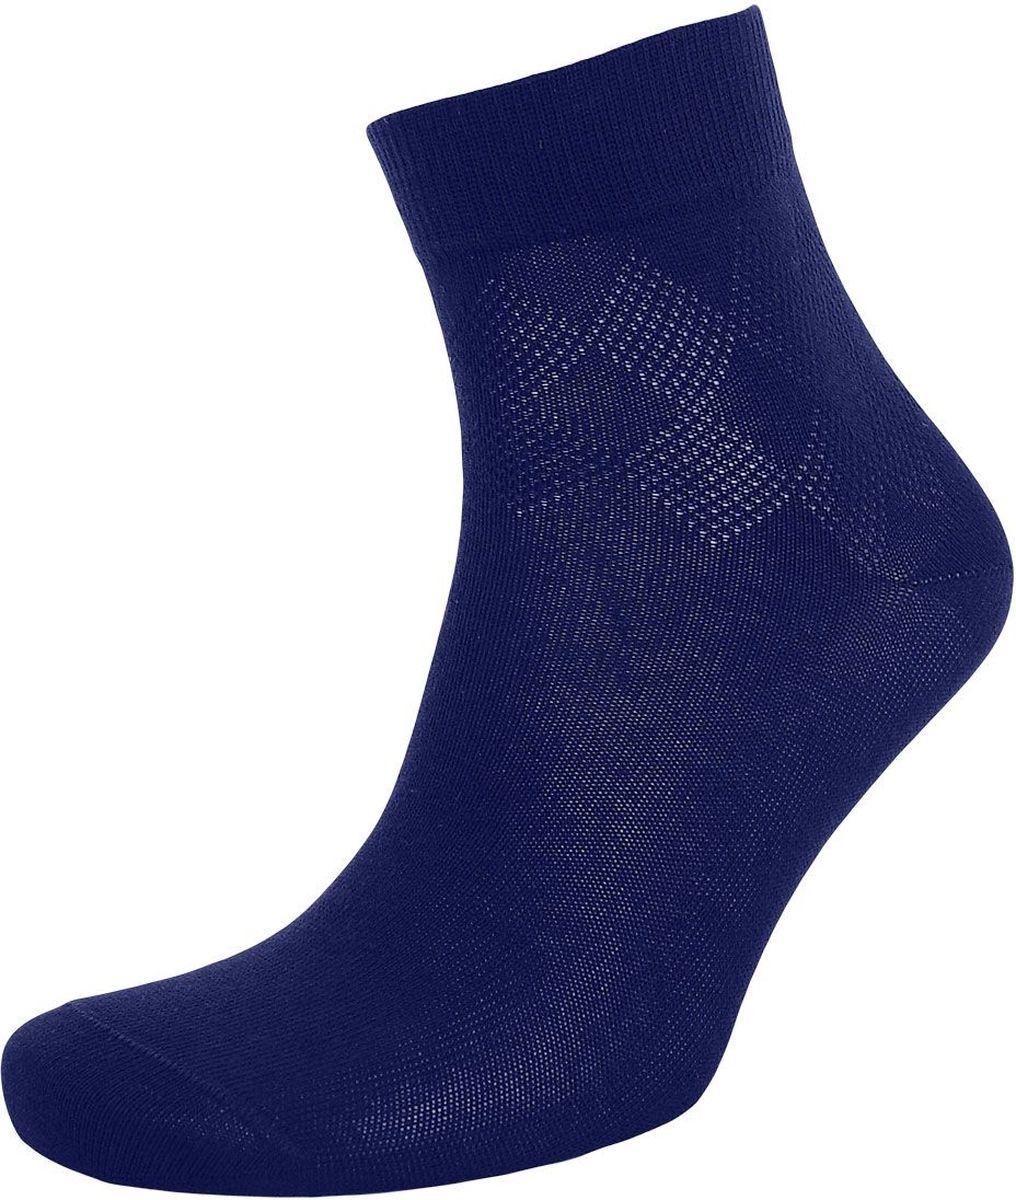 Носки мужские Гранд, цвет: синий, 2 пары. ZC116. Размер 29ZC116Классические мужские носки Гранд выполнены из высококачественного хлопка, для повседневной носки. Носки, оформленные на паголенке рисунком сетка в два ряда, имеют усиленные пятку и мысок и двойную резинку. Носки долгое время сохраняют форму и цвет, а так же обладают антибактериальными и терморегулирующими свойствами.